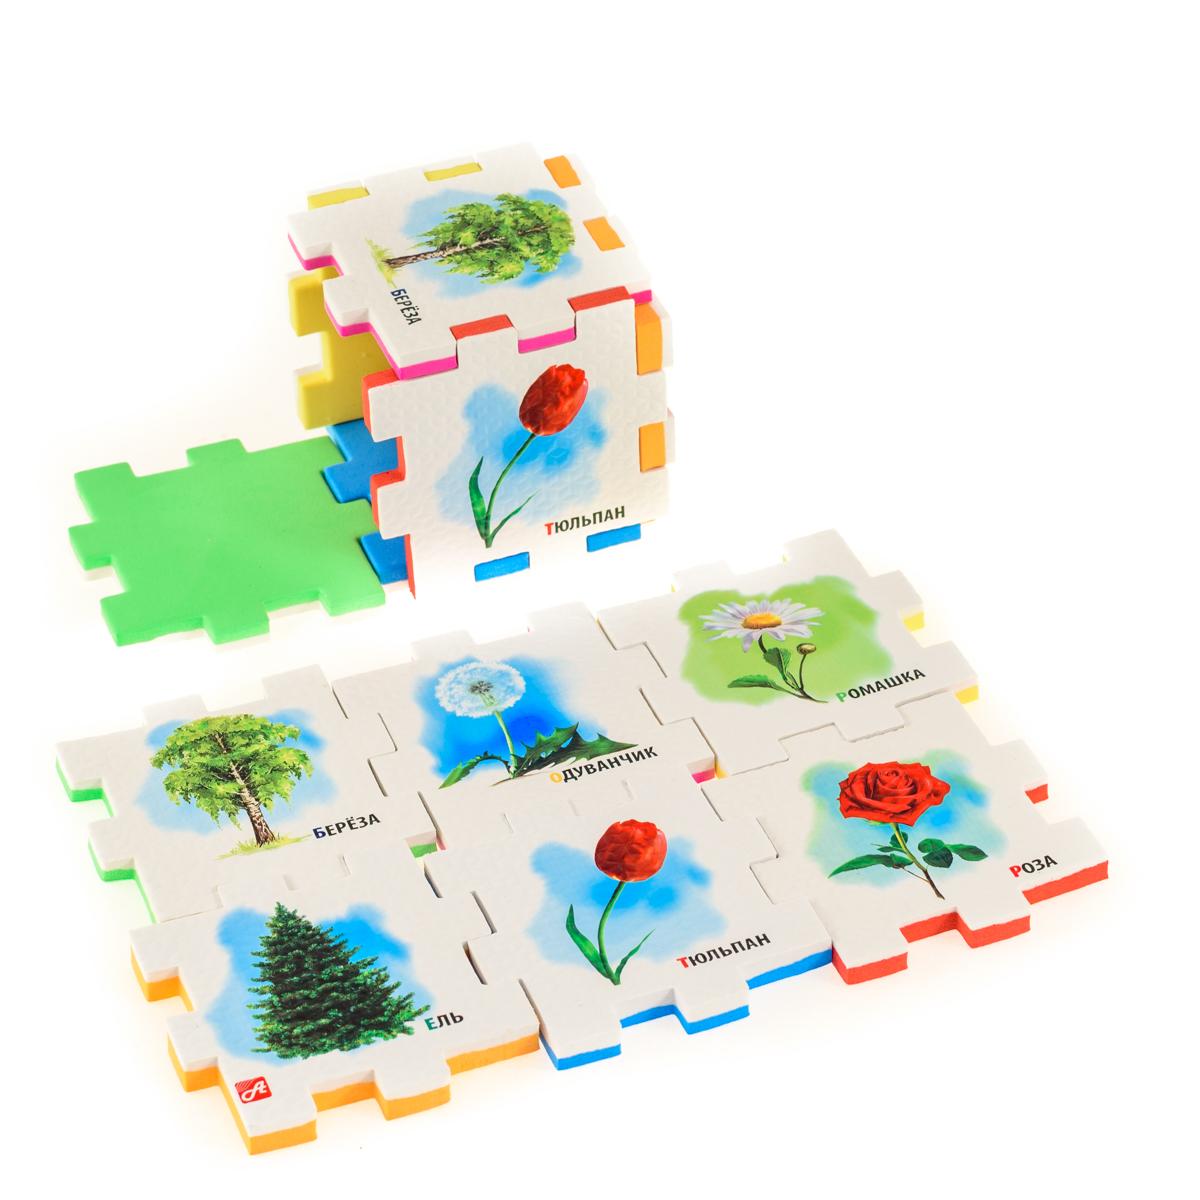 Нескучный кубик Пазл для малышей Растения282374Развивающее пособие-игрушка призвано в легкой игровой форме помочь ребенку познакомиться с окружающим миром, изучить цвета, формы, развить логическое и ассоциативное мышление. Из деталей кубика можно конструировать не только кубик из 6 элементов! Попробуйте собрать форму побольше — из 10-12 деталей, либо кубик из 24 деталей, у которого каждая сторона будет состоять из 4-х картинок-элементов. Либо вы можете сложить с ребенком необычный коврик из деталей кубика. Позвольте ребенку поиграть самому — он сможет сконструировать разные формы и фигуры, которые подскажет ему его воображение.С детьми постарше можно заниматься изучением иностранных языков в игровой форме.